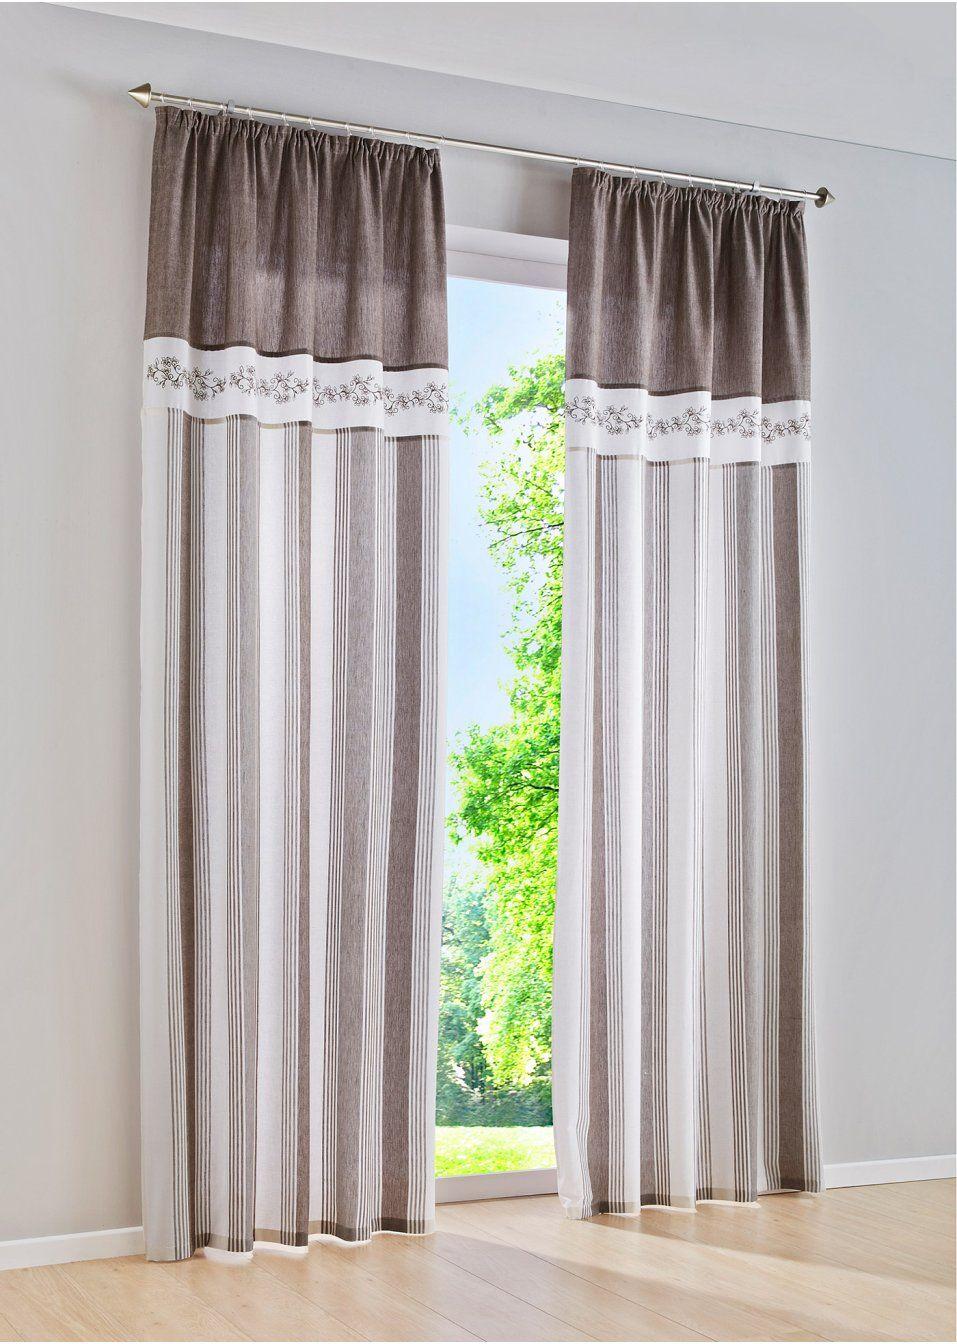 Traumhaft romantischer Vorhang | Landhausstil, Bordüren und Drucken